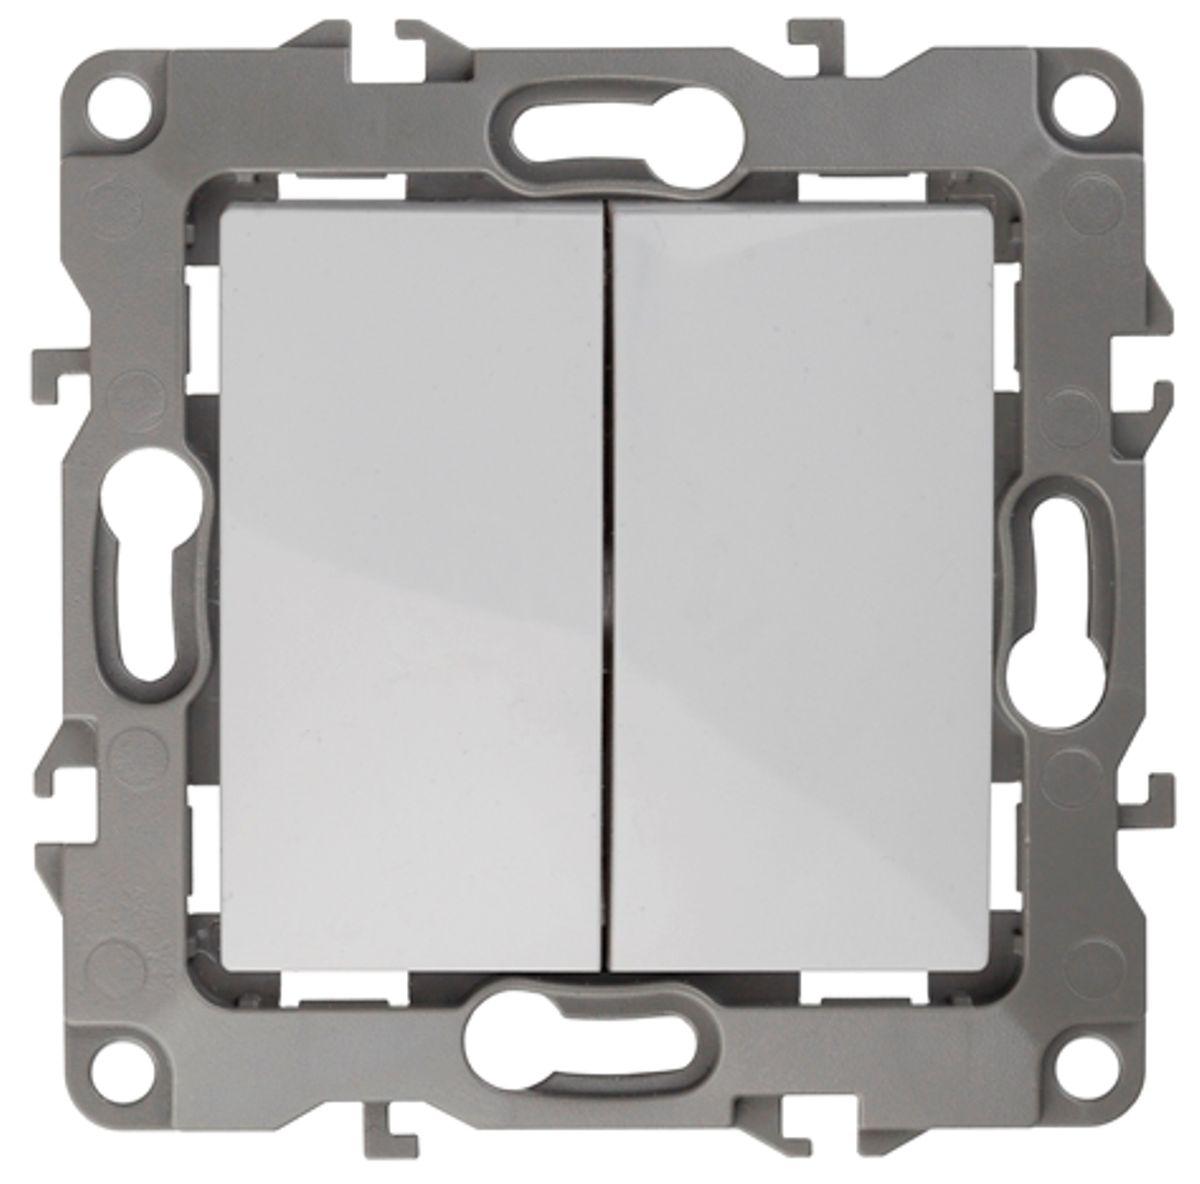 Выключатель ЭРА, двойной, цвет: белый, серый. 12-100412-1004-01Двойной выключатель ЭРА выполнен из прочного пластика, контакты бронзовые. Изделие просто в установке, надежно в эксплуатации. Выключатель имеет специальные фиксаторы, которые не дают ему смещаться как при монтаже, так и в процессе эксплуатации. Автоматические зажимы кабеля обеспечивают быстрый и надежный монтаж изделия к электросети без отвертки и не требуют обслуживания в отличие от винтовых зажимов. УВАЖАЕМЫЕ КЛИЕНТЫ! Обращаем ваше внимание на тот факт, что монтажные лапки в комплект не входят.